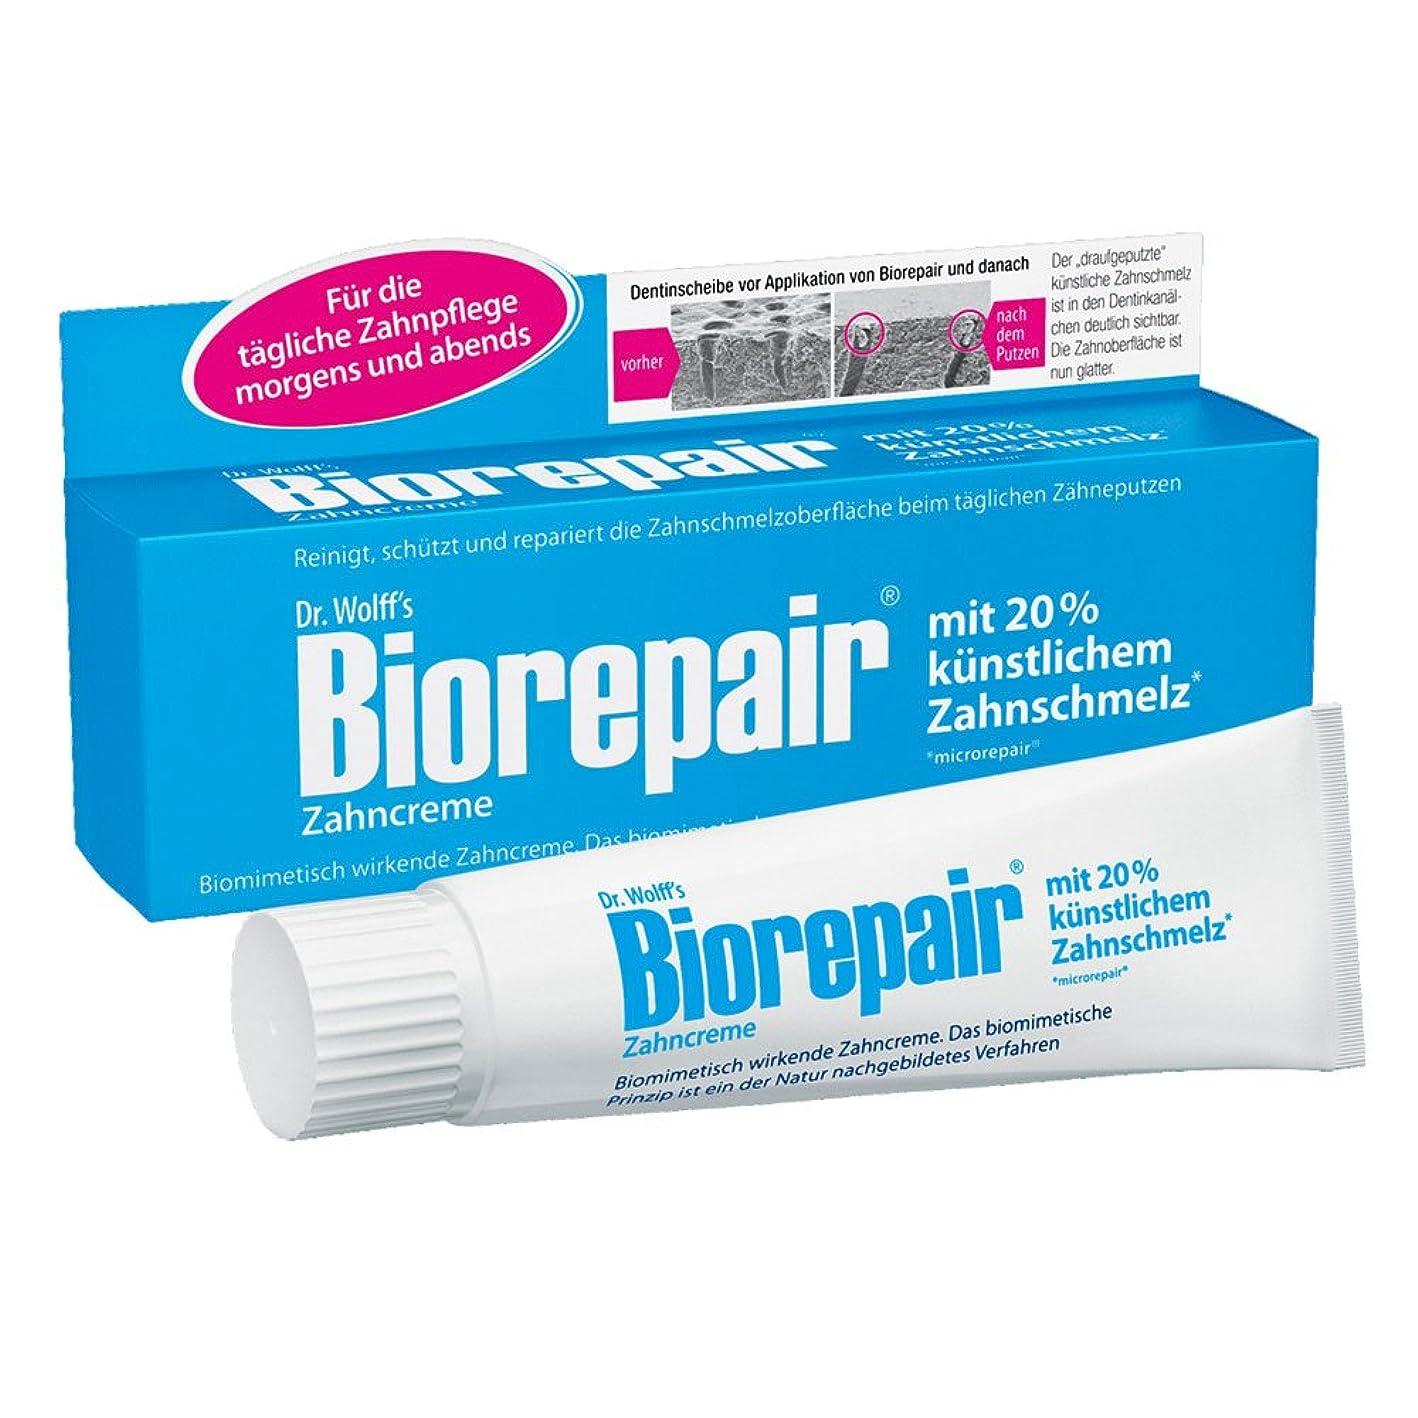 生物学実質的に敬の念Biorepair 歯磨き粉オリジナル、75ml(1pack) 歯の保護 耐摩耗性 1pack [並行輸入品]